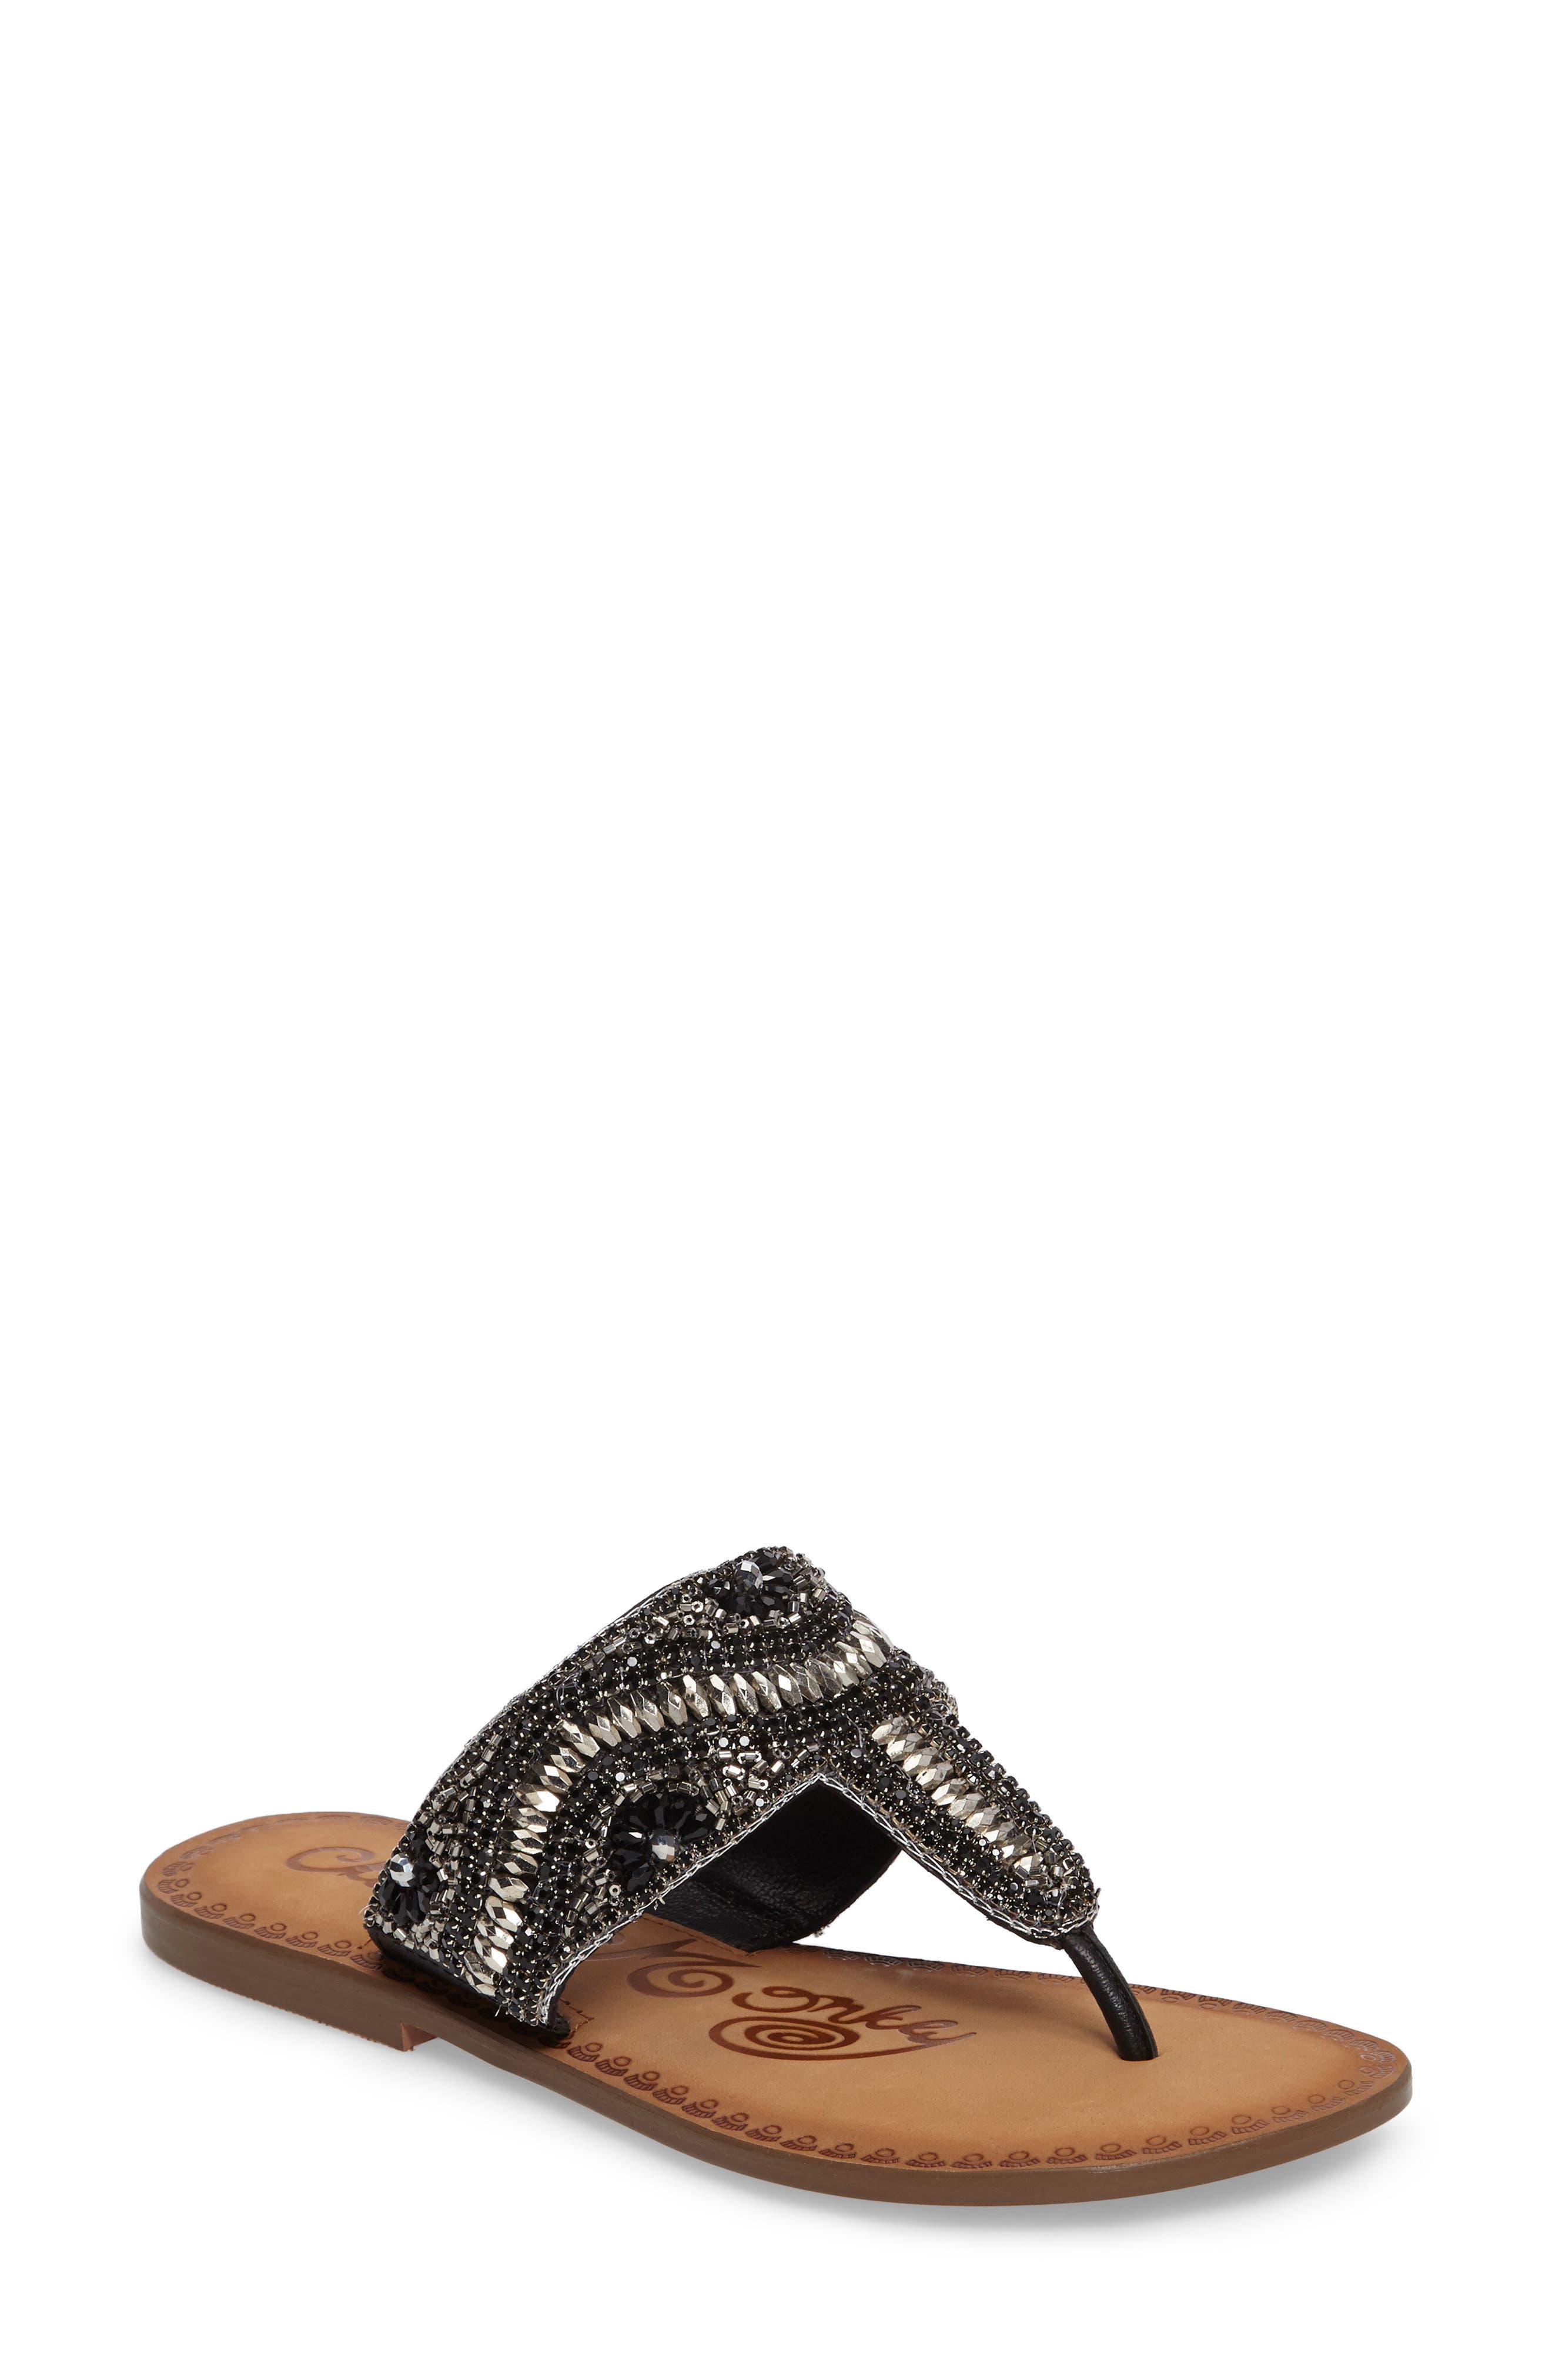 Lizabeth Embellished Sandal,                         Main,                         color, Black Leather